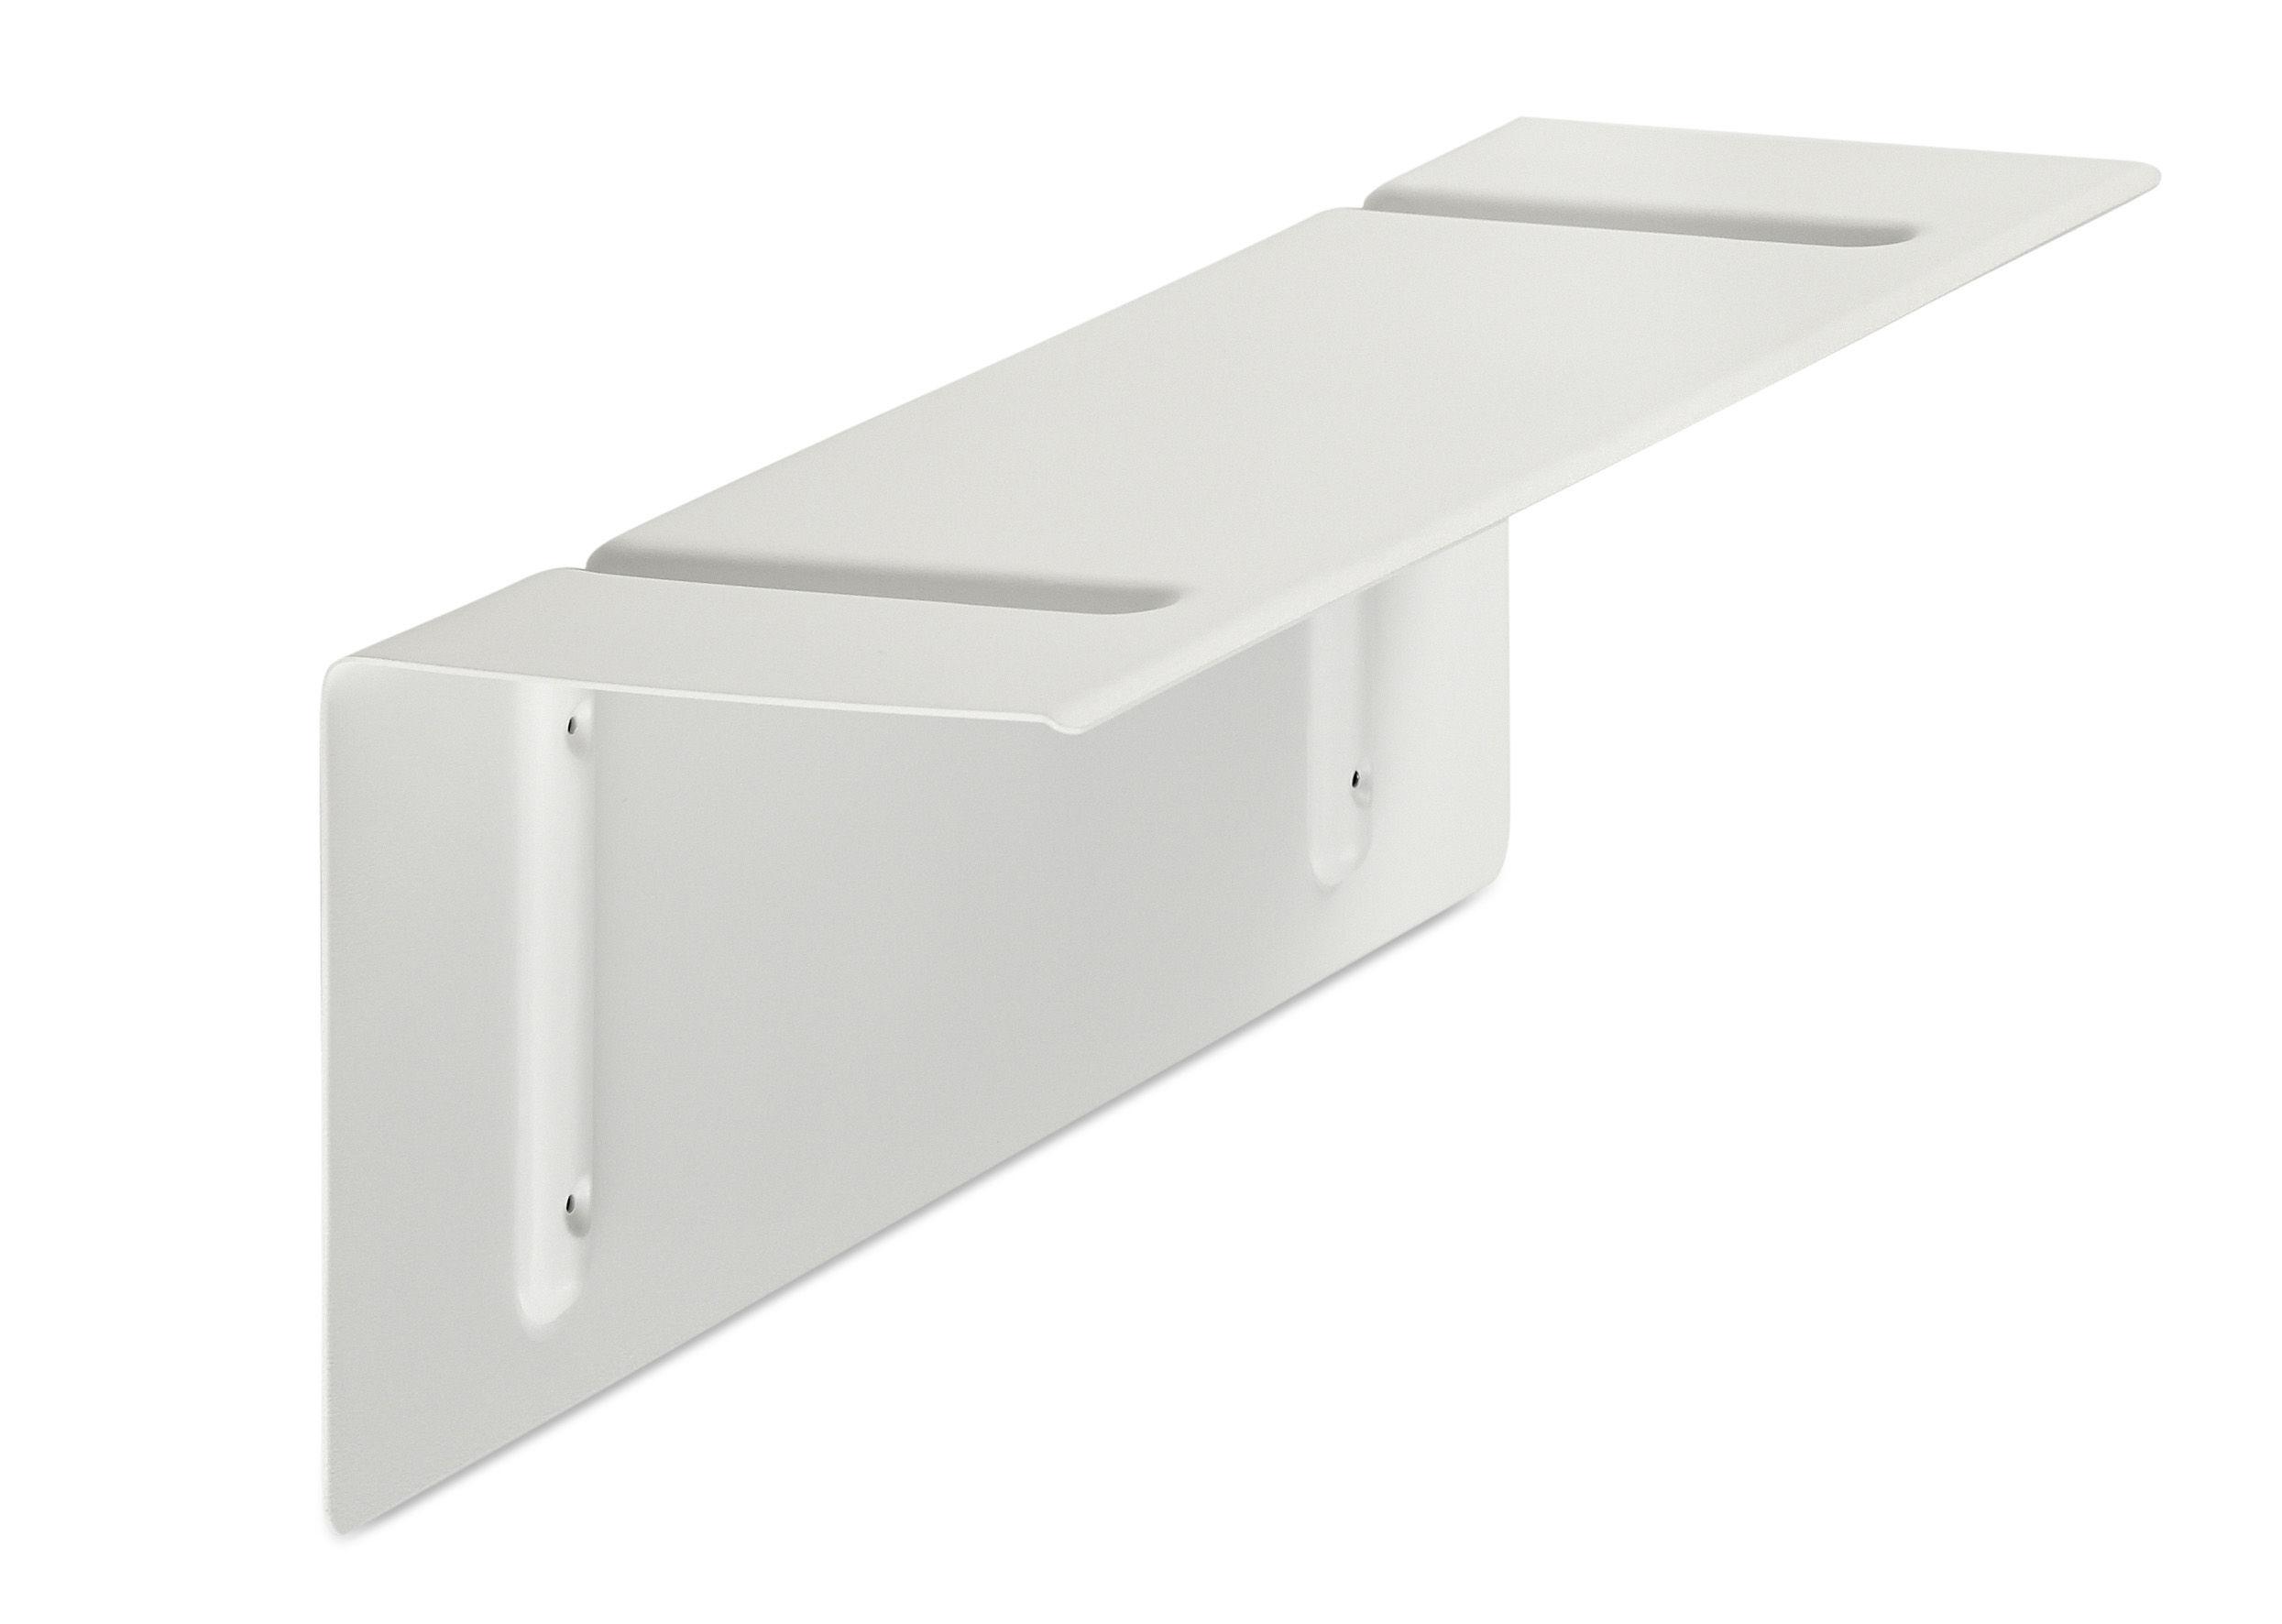 Arredamento - Scaffali e librerie - Scaffale Brackets Included - / L 60 cm di Hay - Bianco - Acciaio laccato